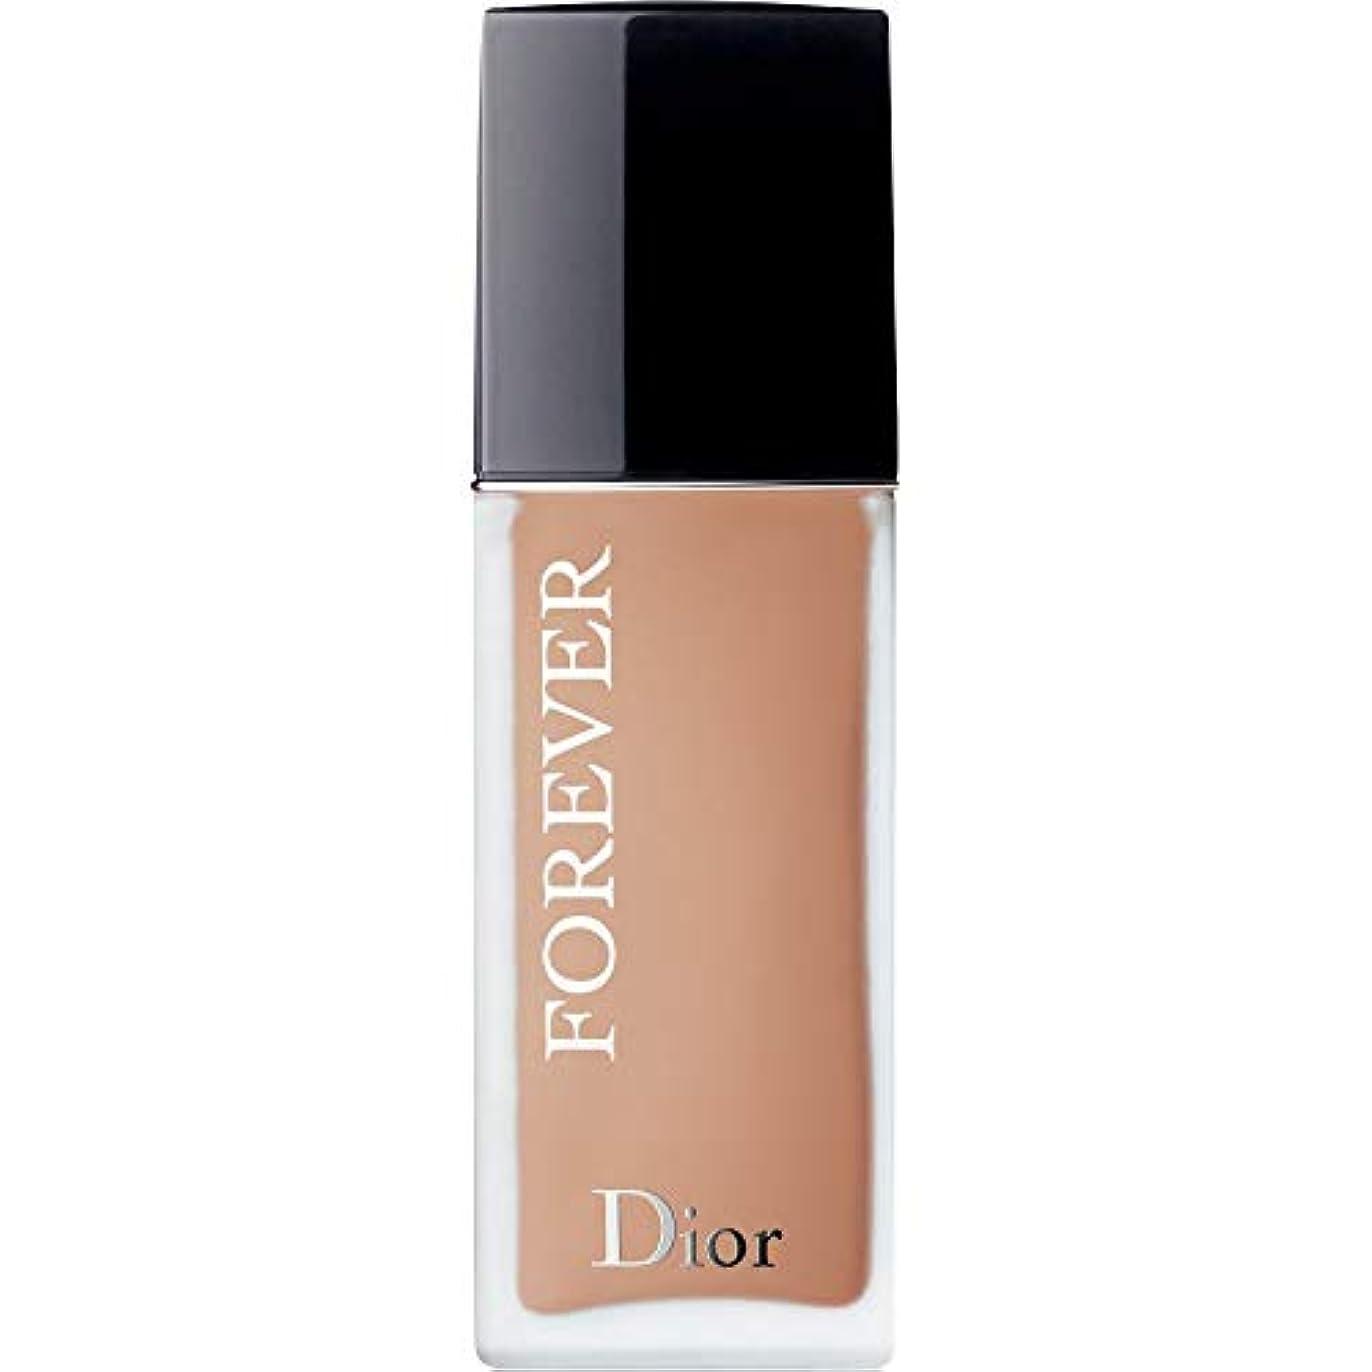 ディスパッチ腫瘍駅[Dior ] ディオール永遠皮膚思いやりの基礎Spf35 30ミリリットル4Cを - クール(つや消し) - DIOR Forever Skin-Caring Foundation SPF35 30ml 4C - Cool...